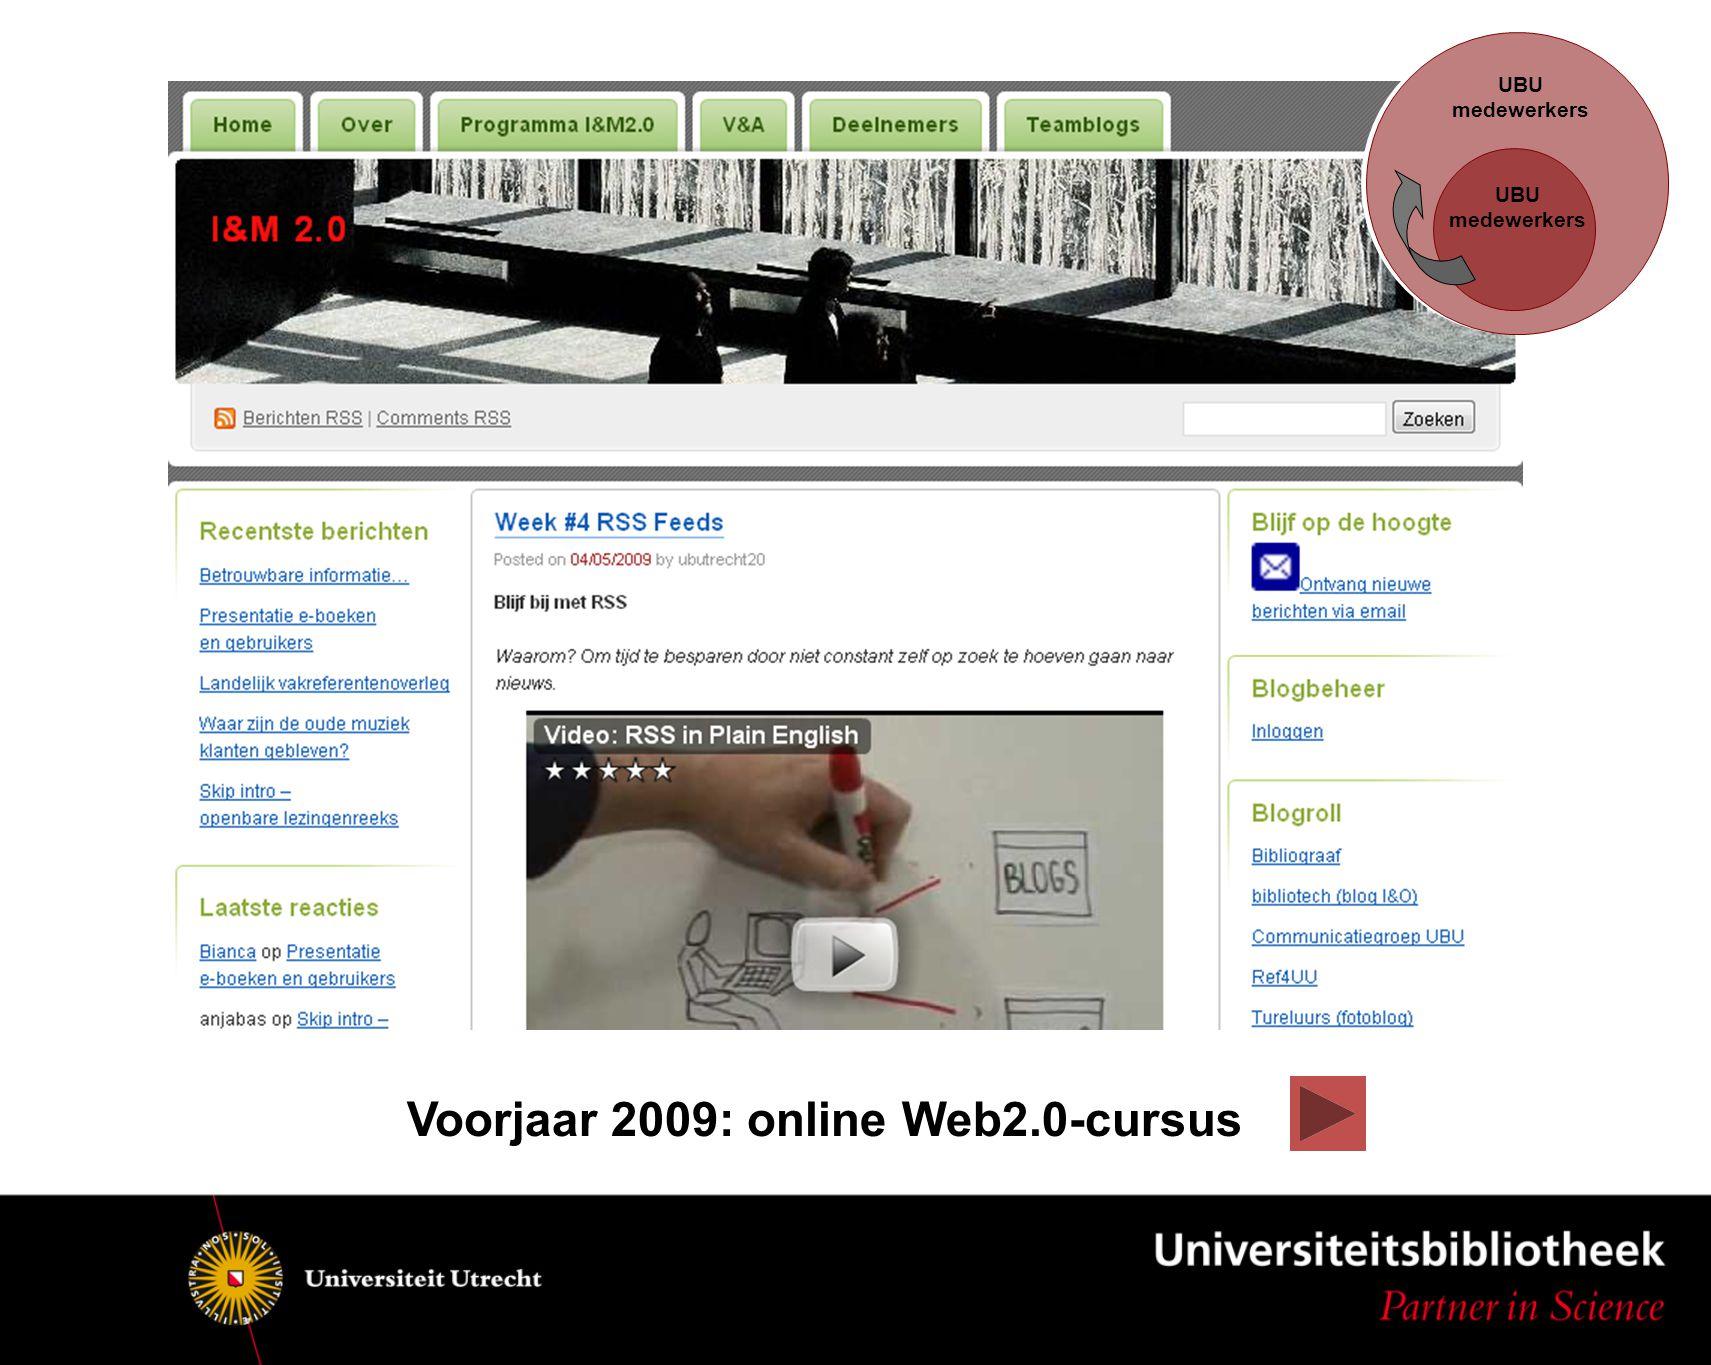 UBU medewerkers UBU medewerkers Voorjaar 2009: online Web2.0-cursus